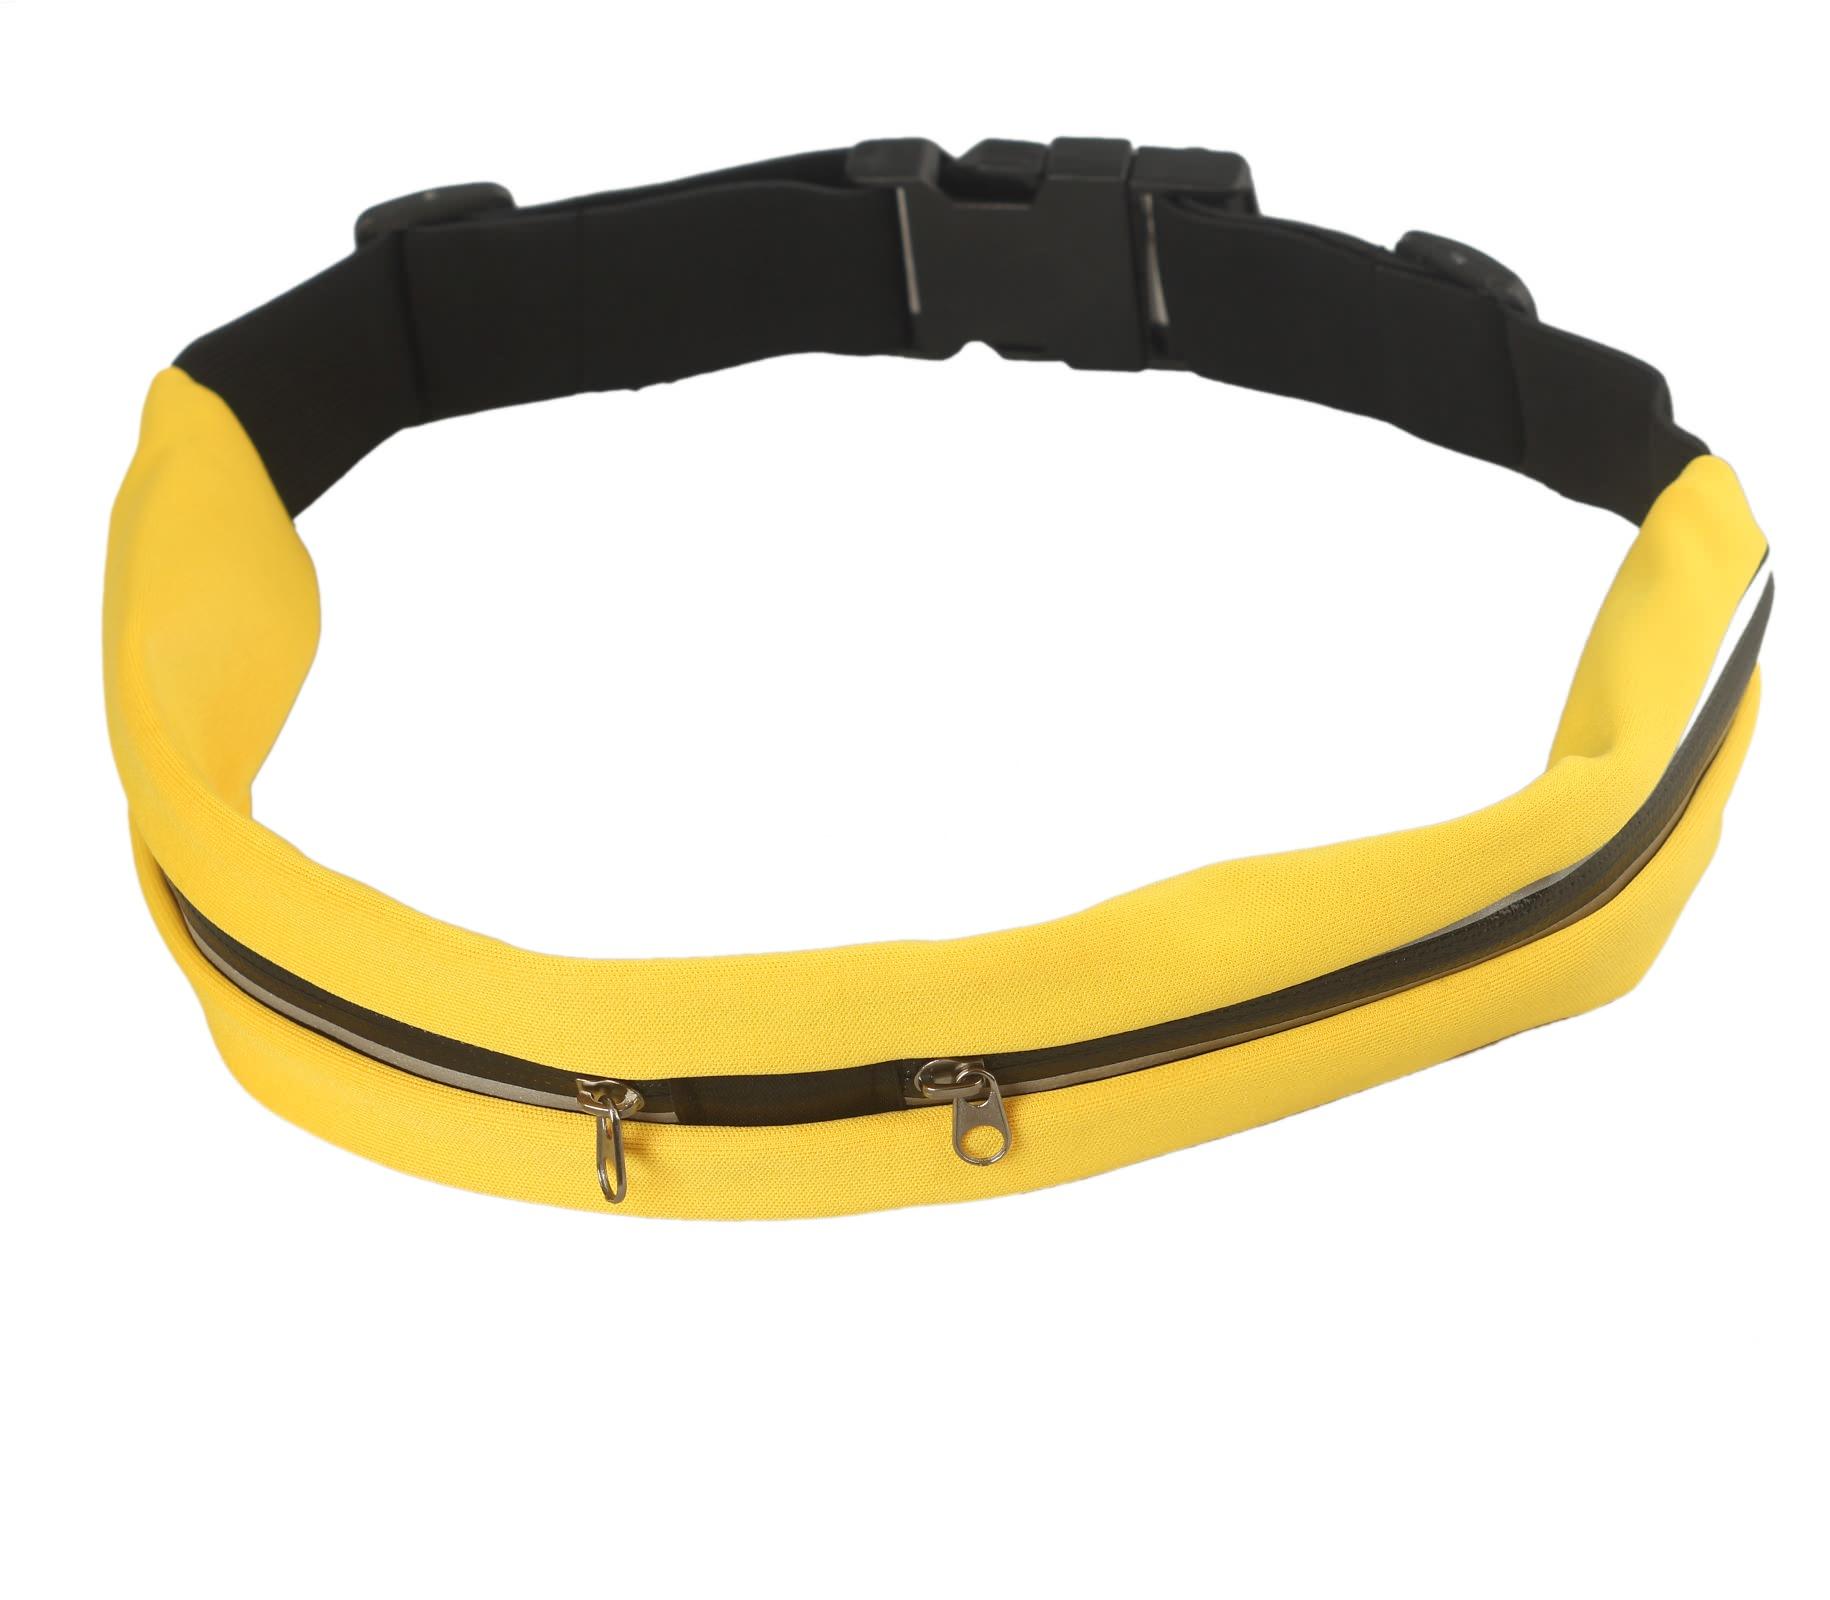 Túi đeo bụng thể thao - Vàng 5129